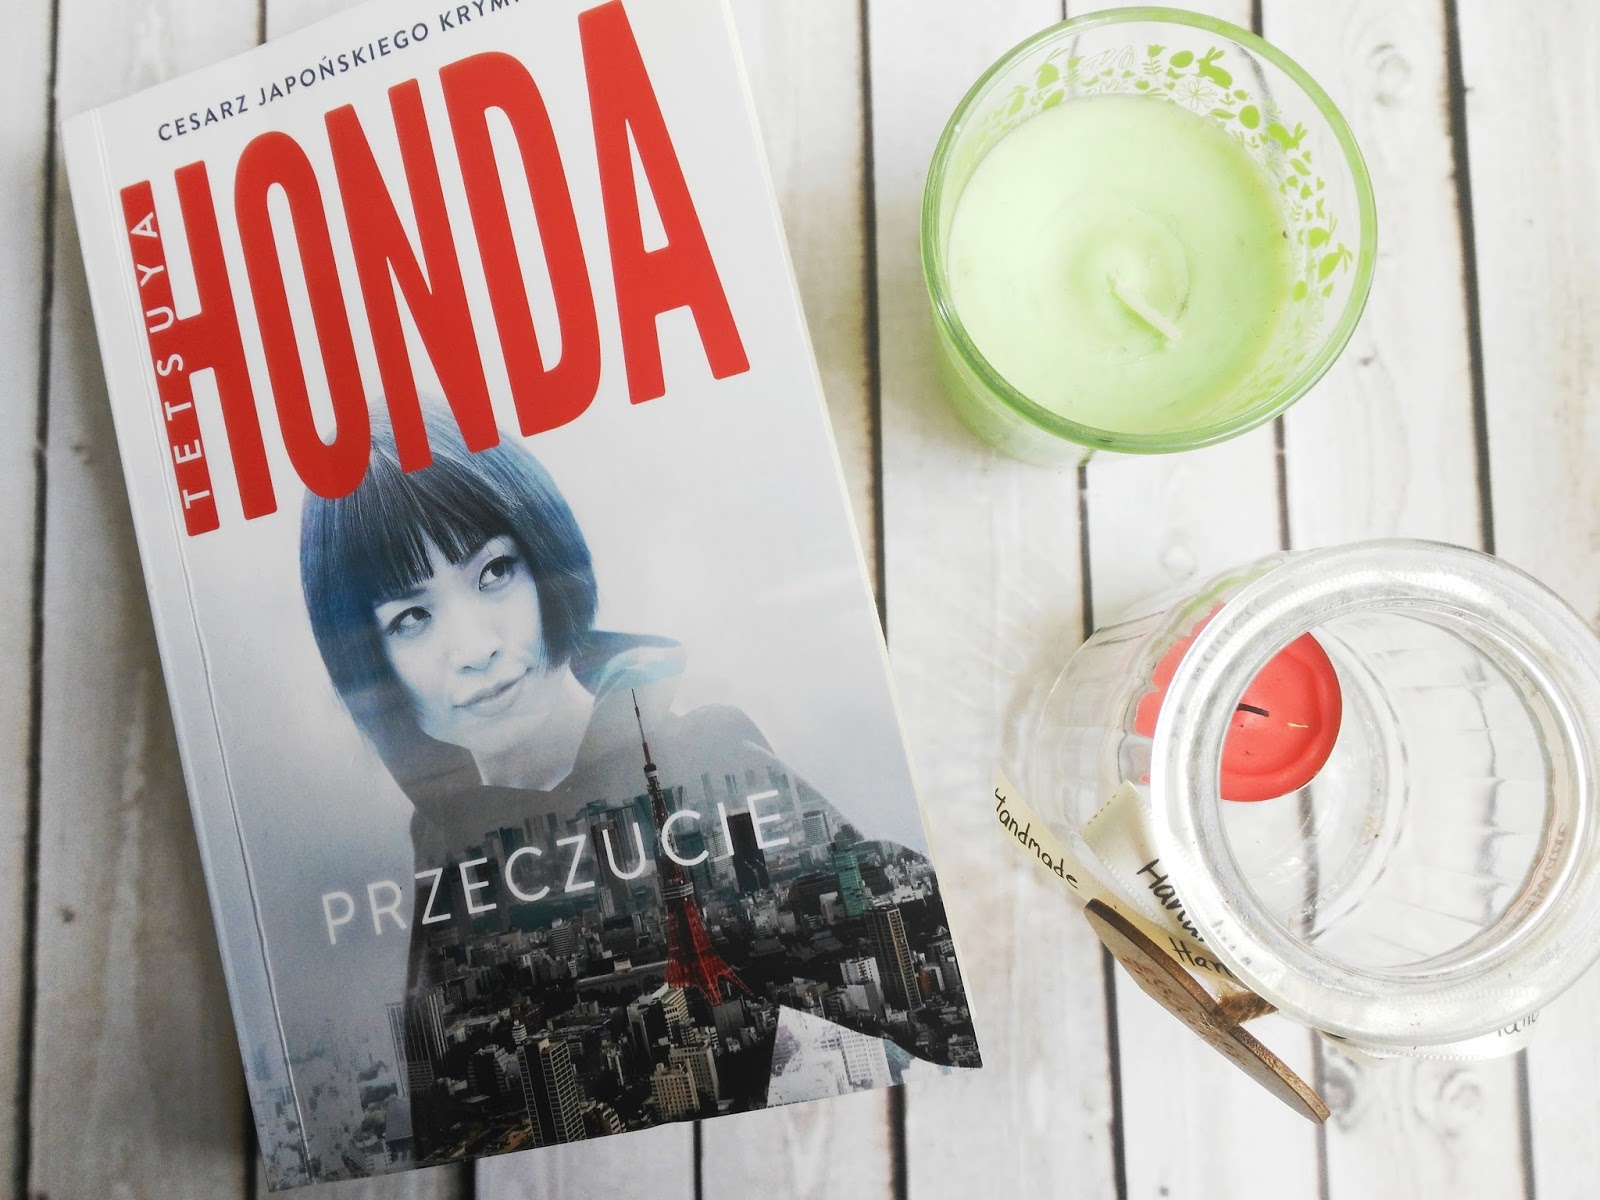 Tetsuya Honda Przeczucie - recenzja